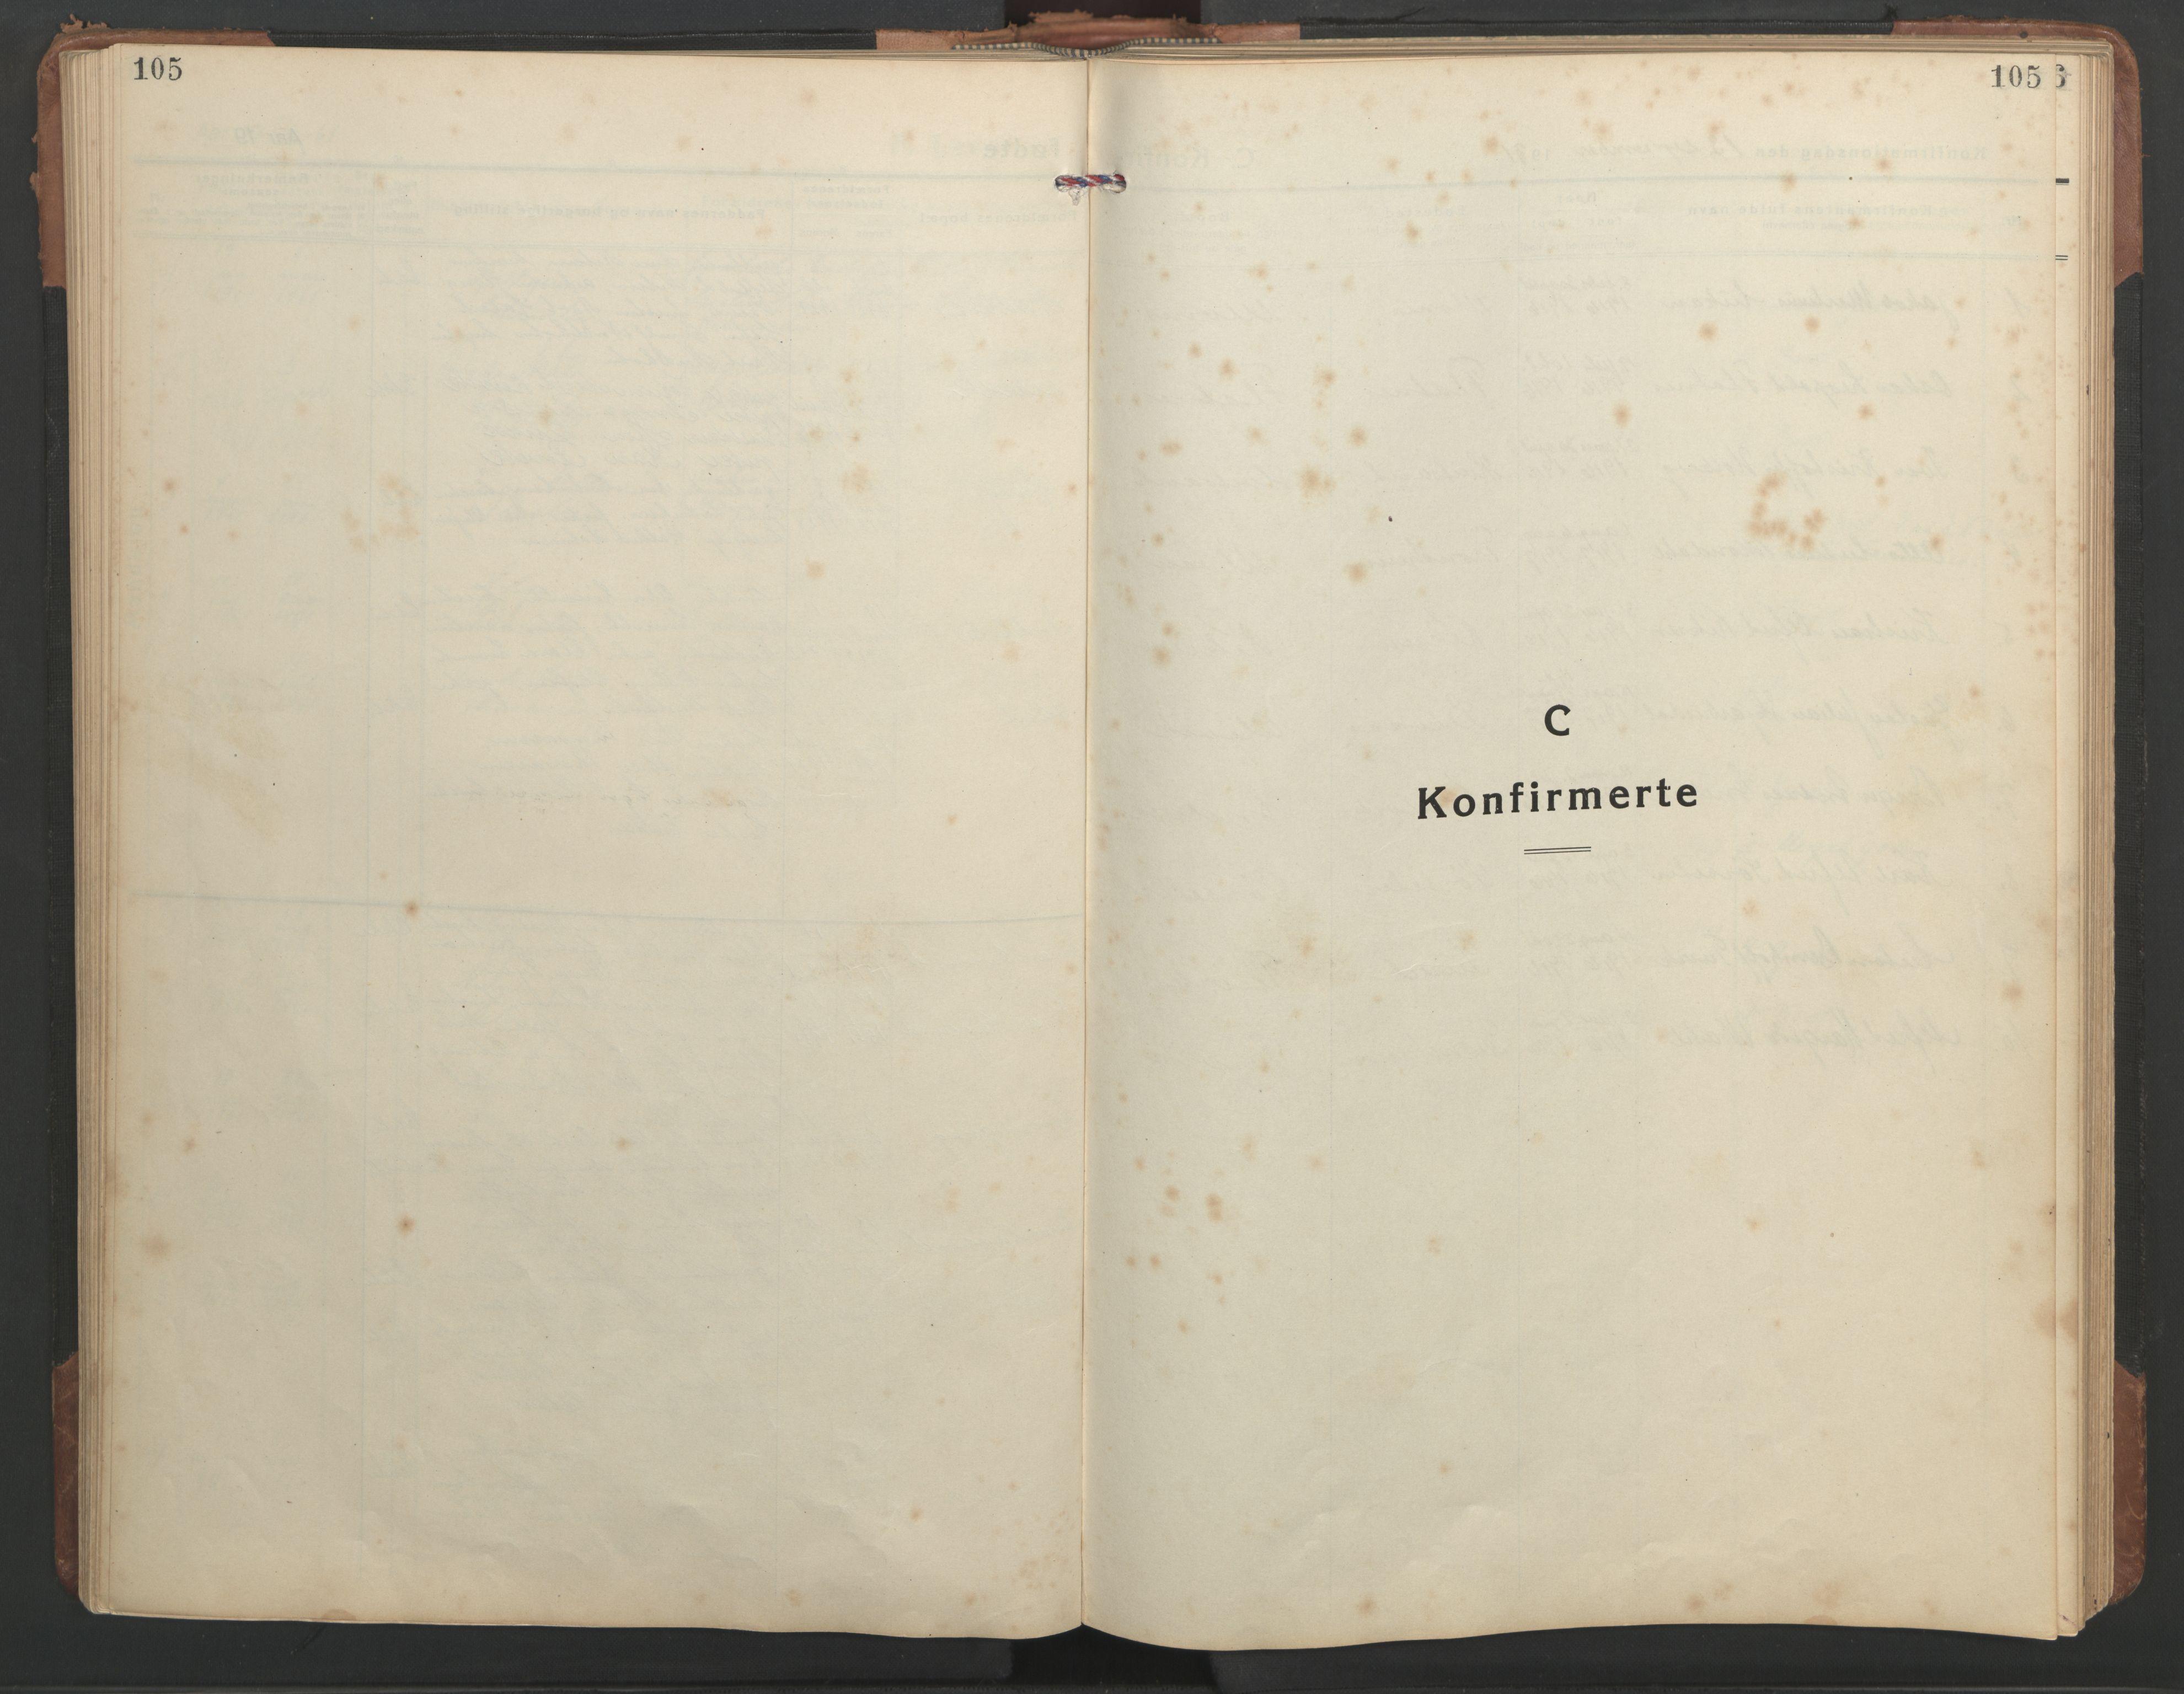 SAT, Ministerialprotokoller, klokkerbøker og fødselsregistre - Sør-Trøndelag, 638/L0569: Klokkerbok nr. 638C01, 1923-1961, s. 105